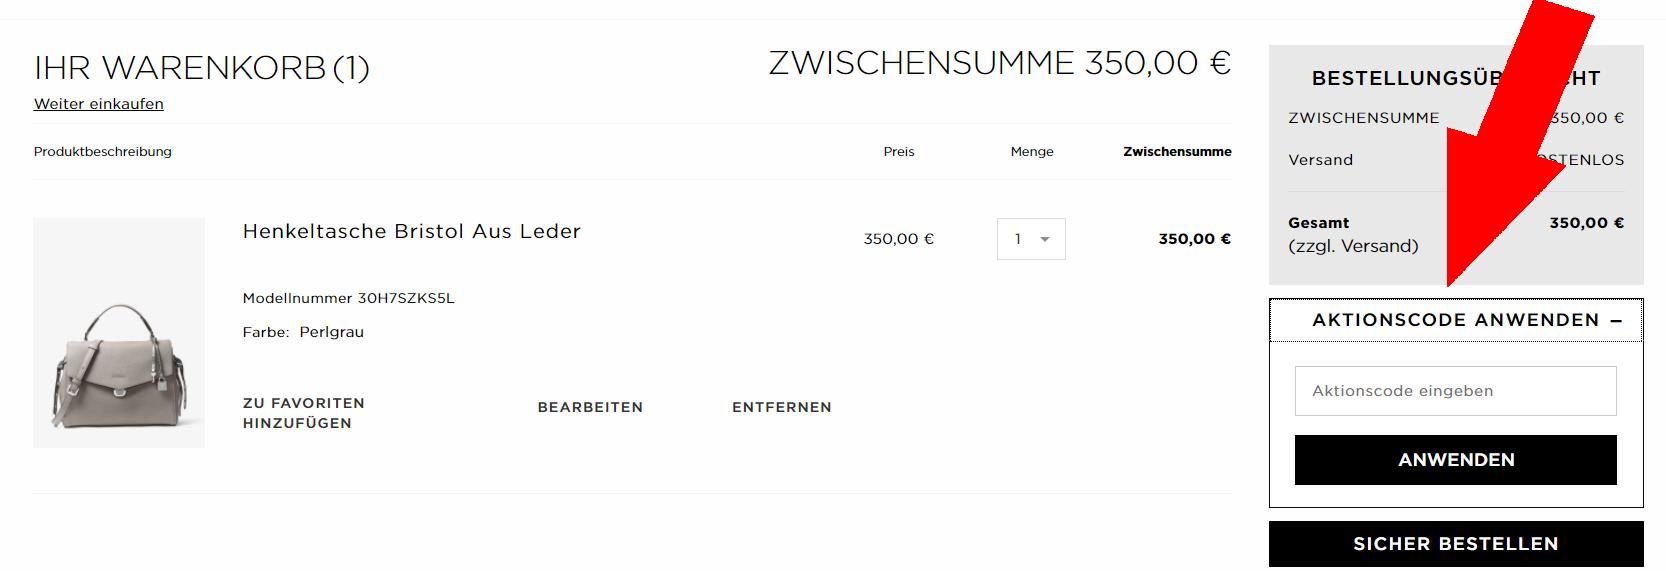 Michael Kors Gutscheine ᐅ 50% Rabatt | Mai 2020